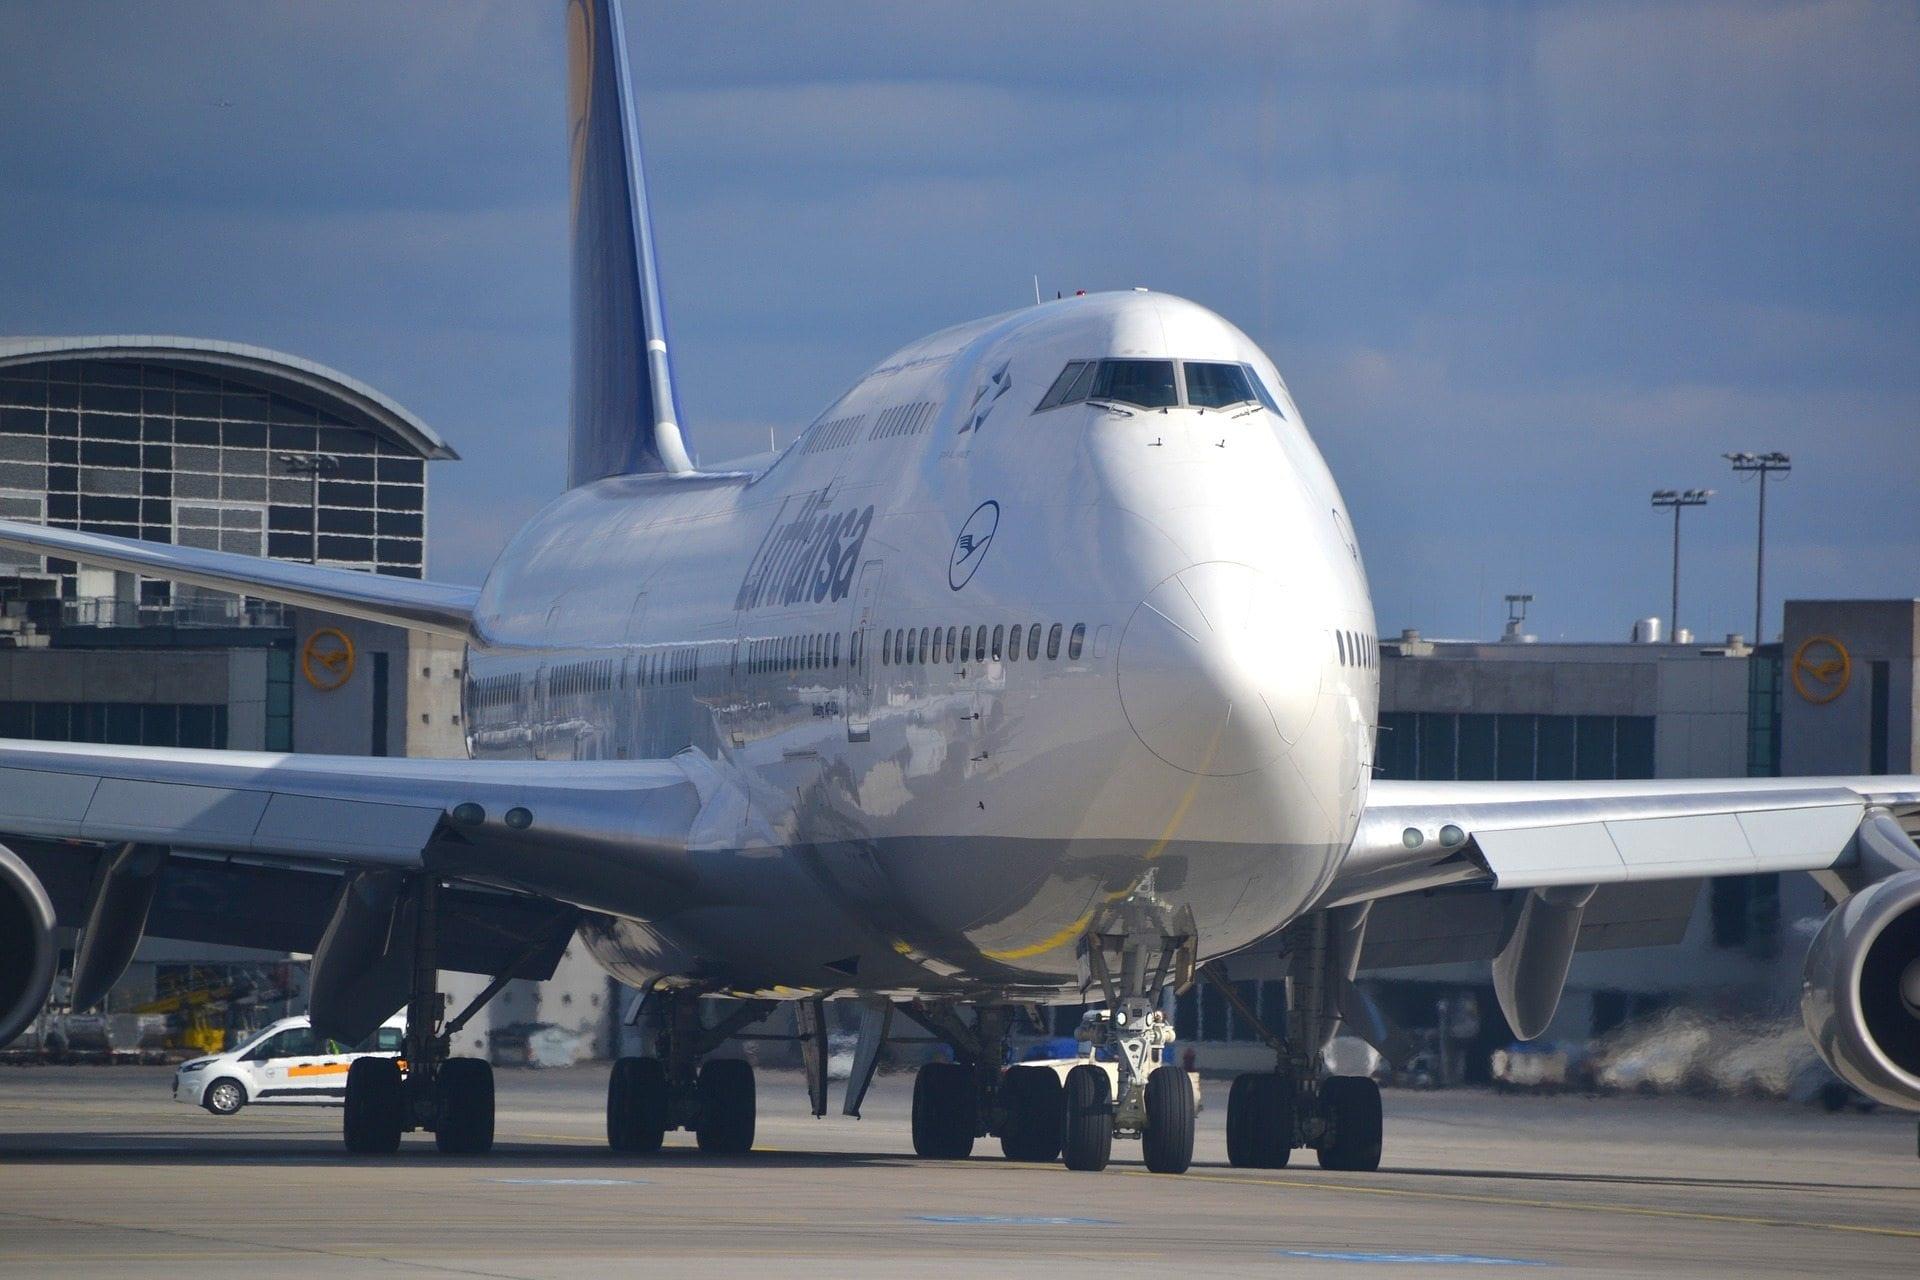 lufthansa fliegt innerdeutsch mit der boeing 747. Black Bedroom Furniture Sets. Home Design Ideas